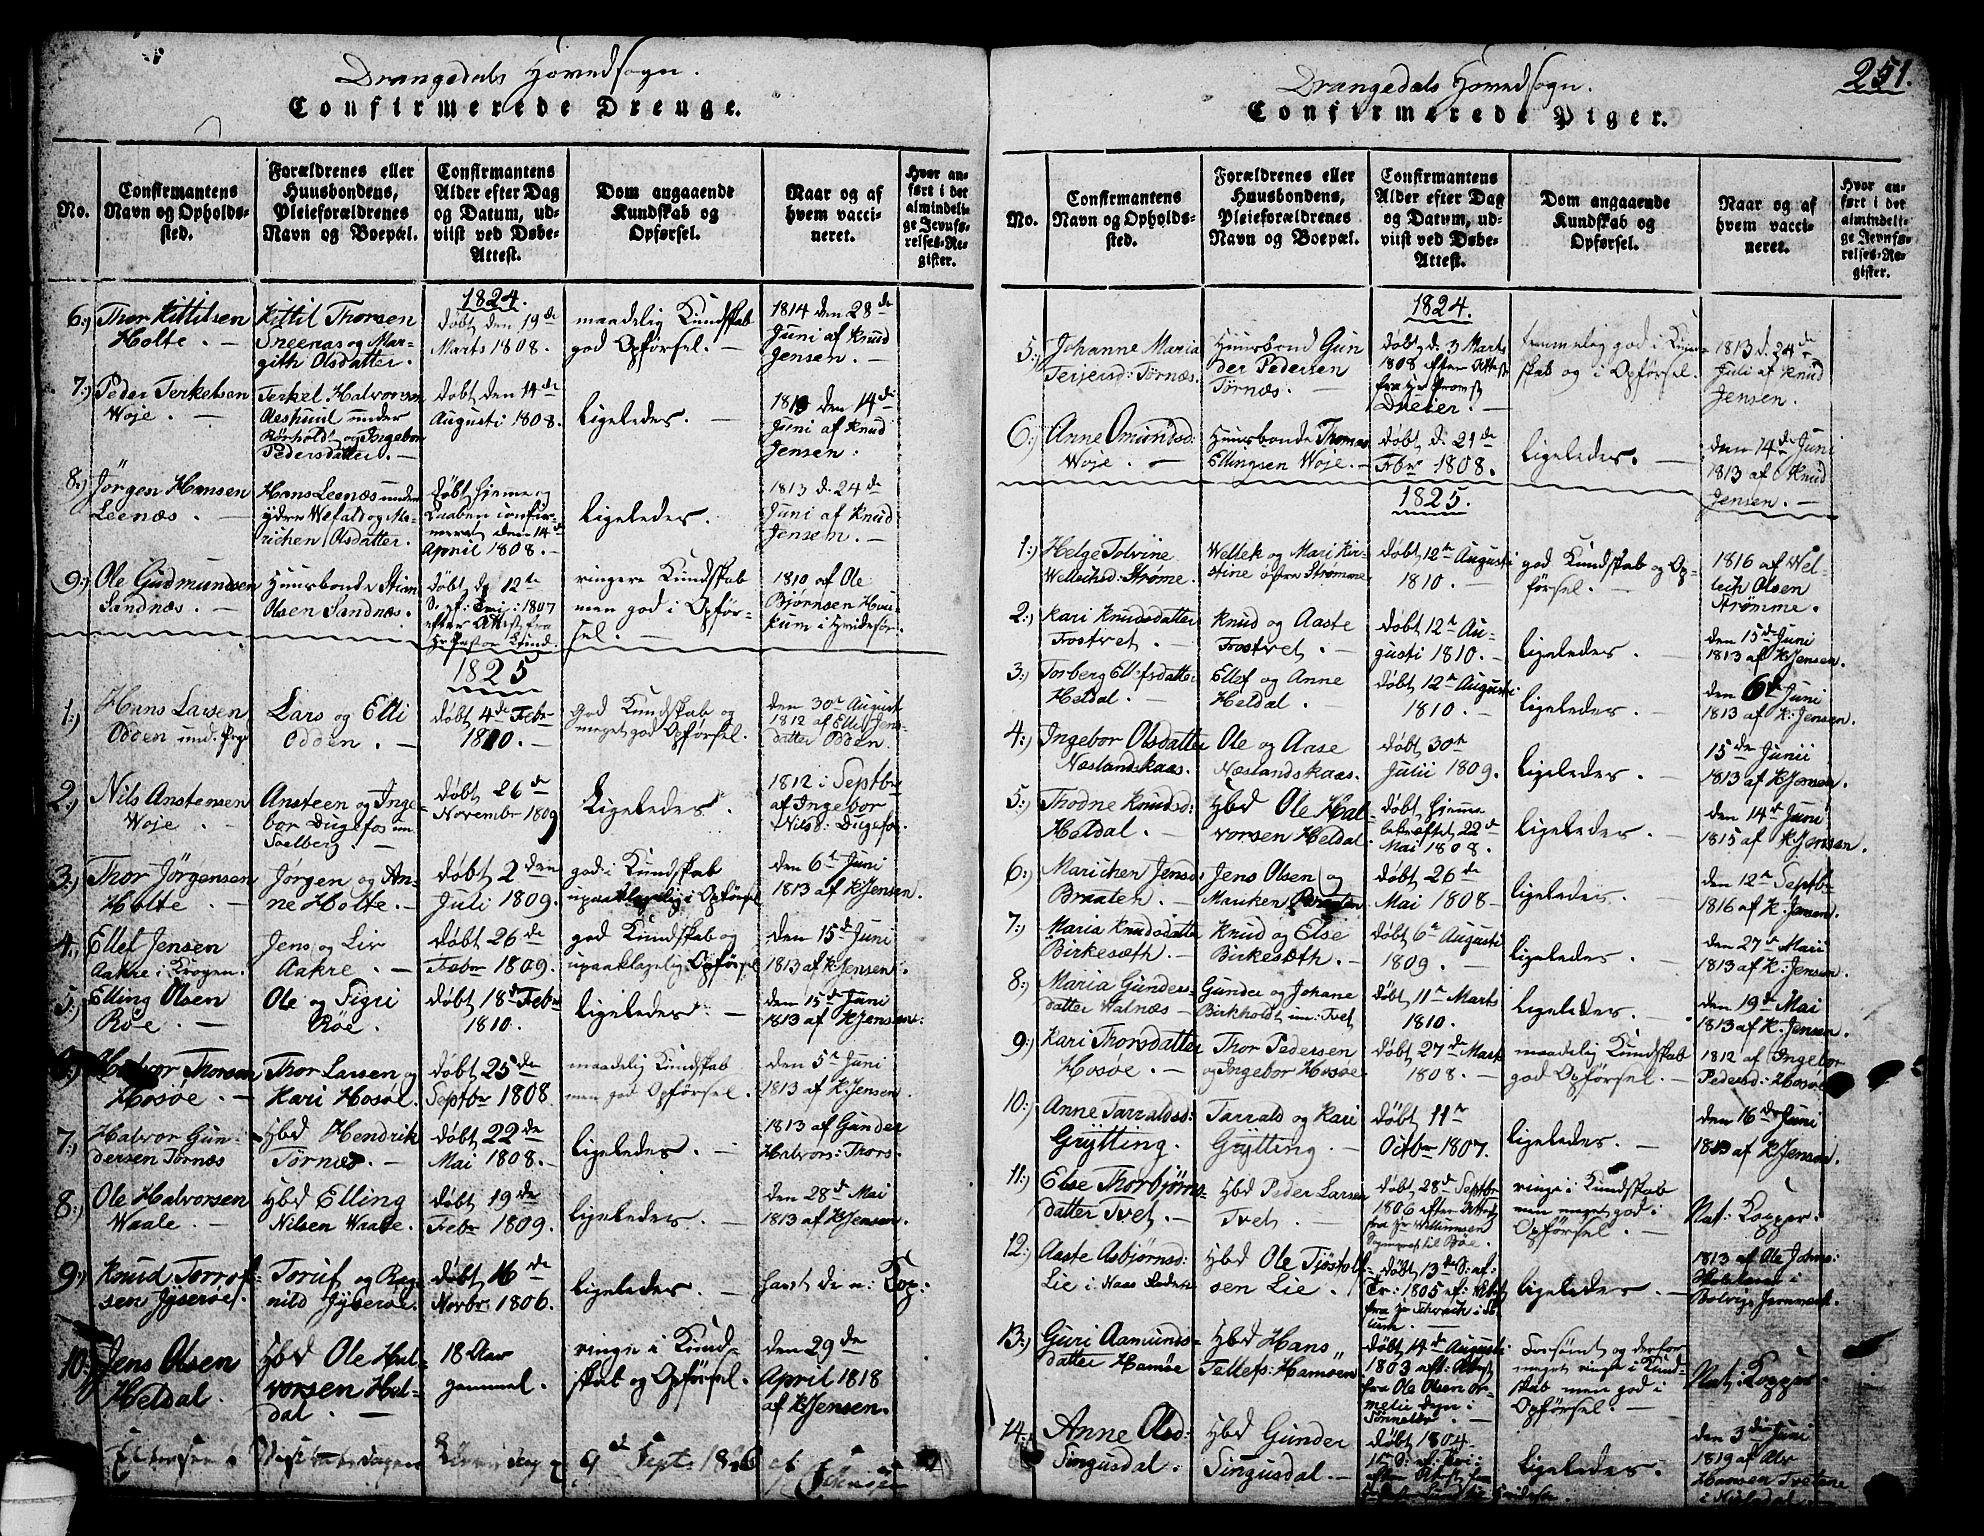 SAKO, Drangedal kirkebøker, G/Ga/L0001: Klokkerbok nr. I 1 /1, 1814-1856, s. 251